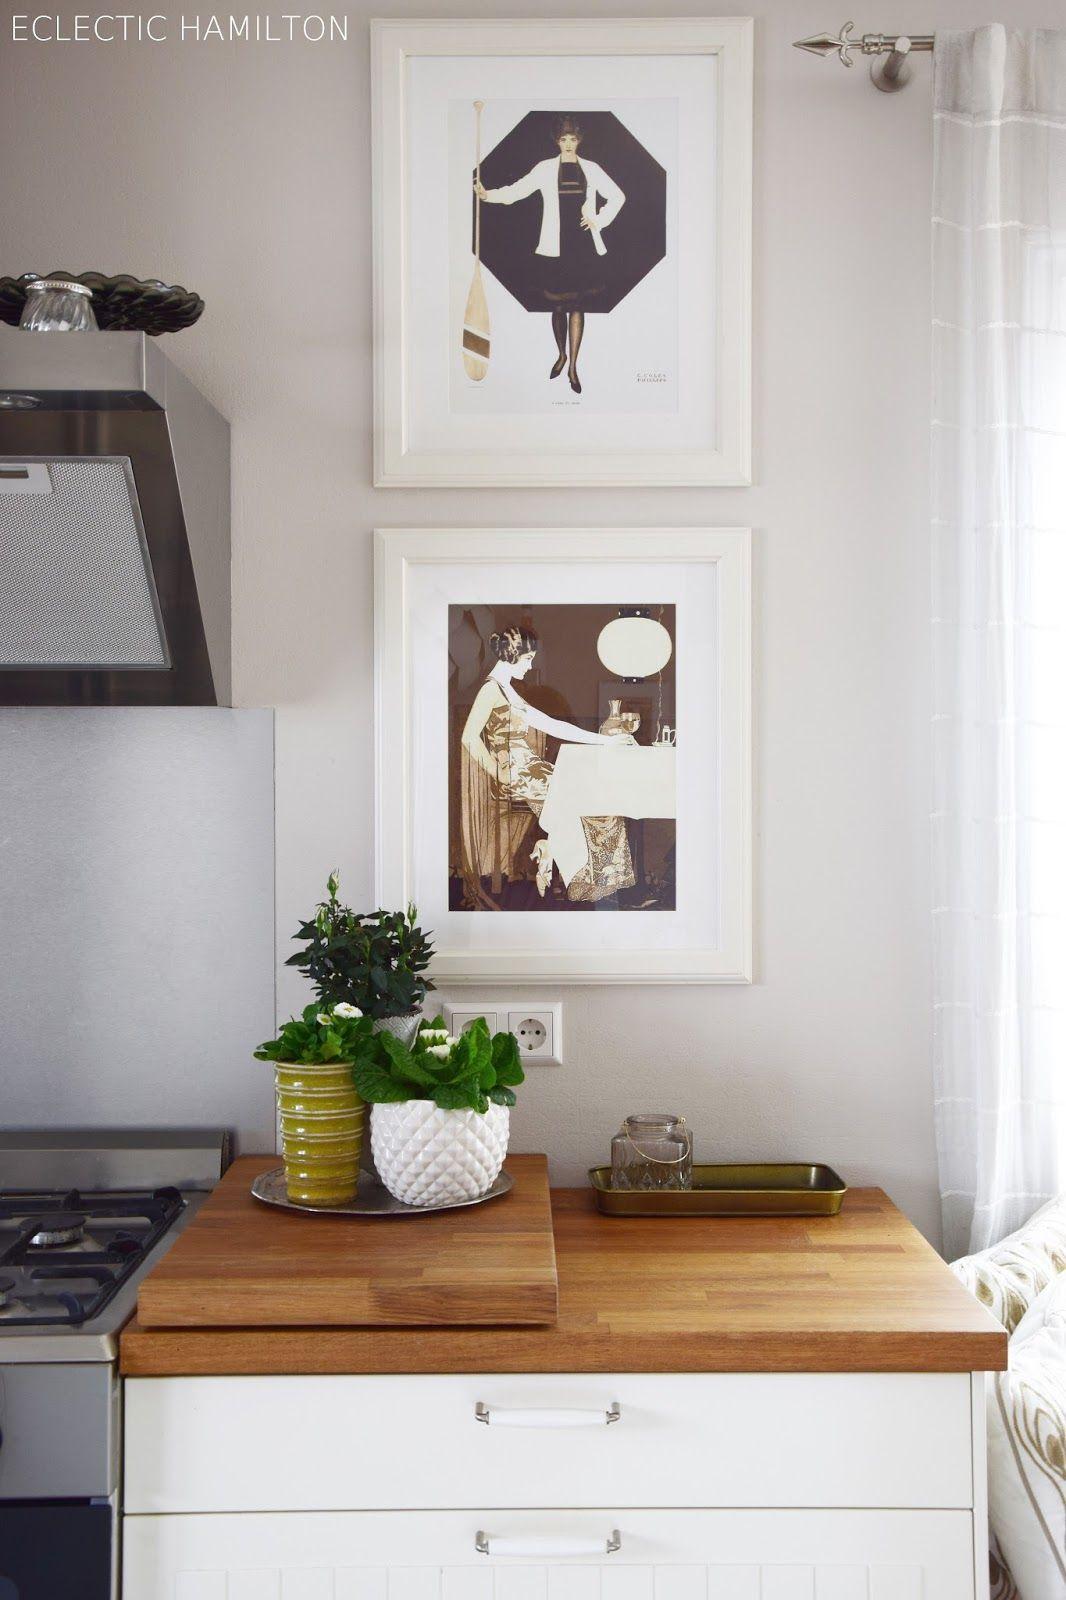 Frühlingsdeko Für Die Küche. Dekoideen Für Eine Frühlingshafte Gestaltung. Deko  Dekoration Frühjahrsblüher Tulpen Bellies